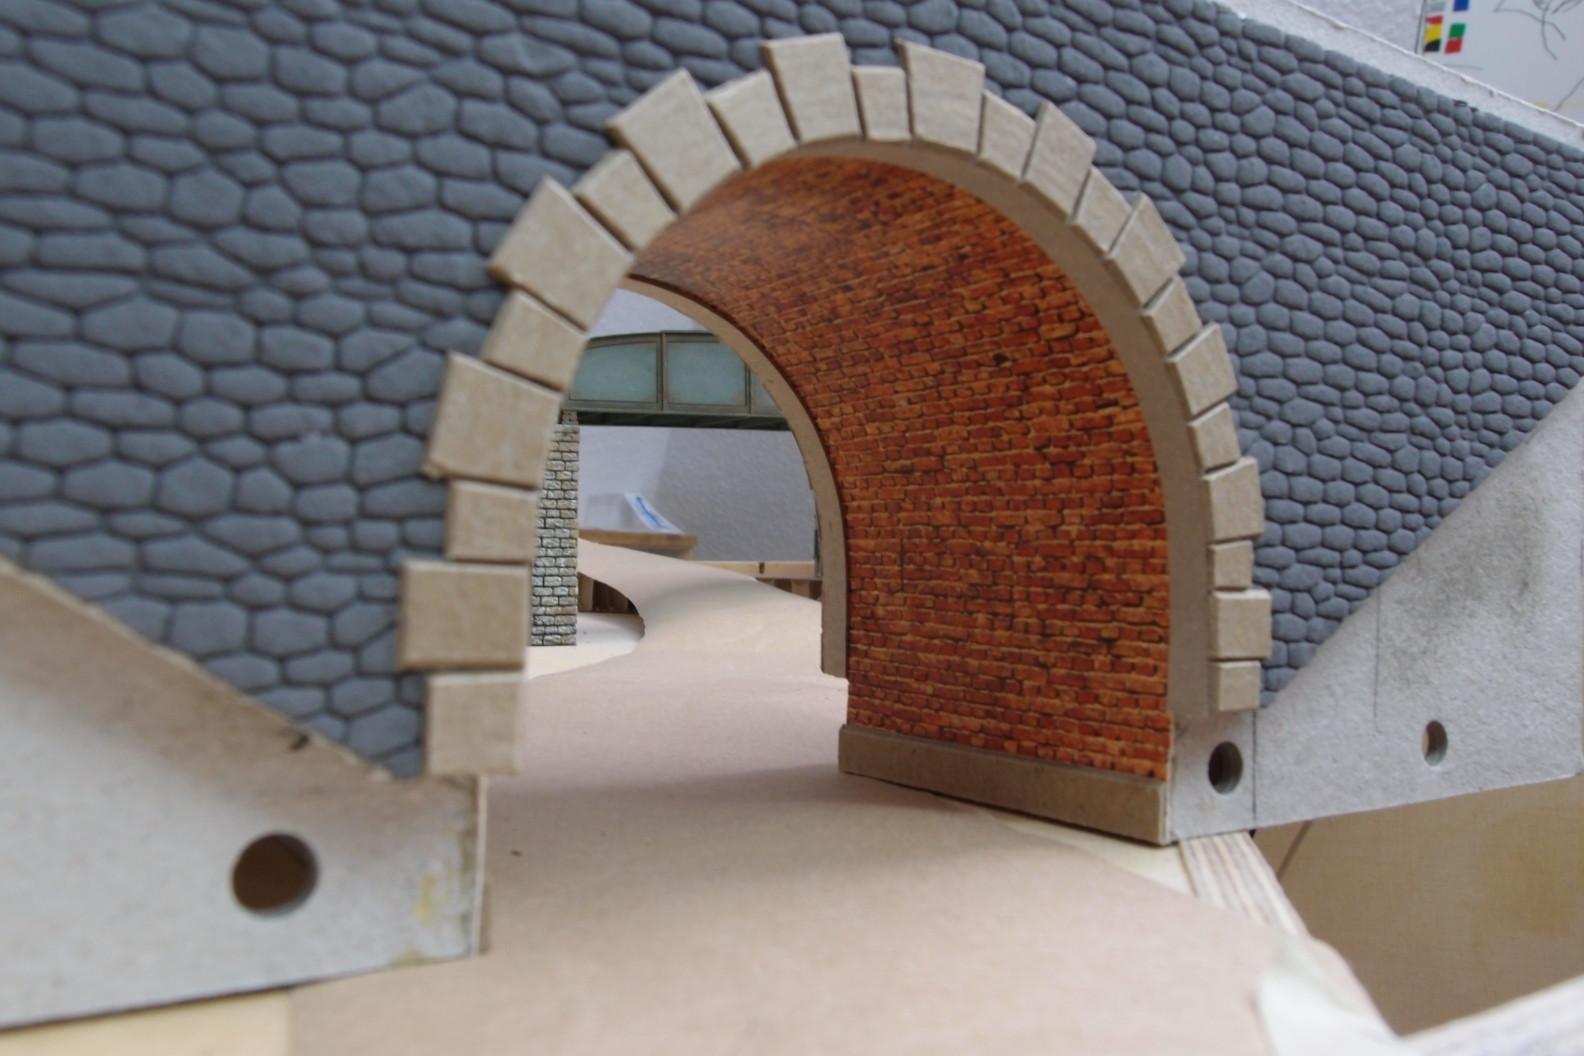 Faller Mauerplatte und Styrodurplatte